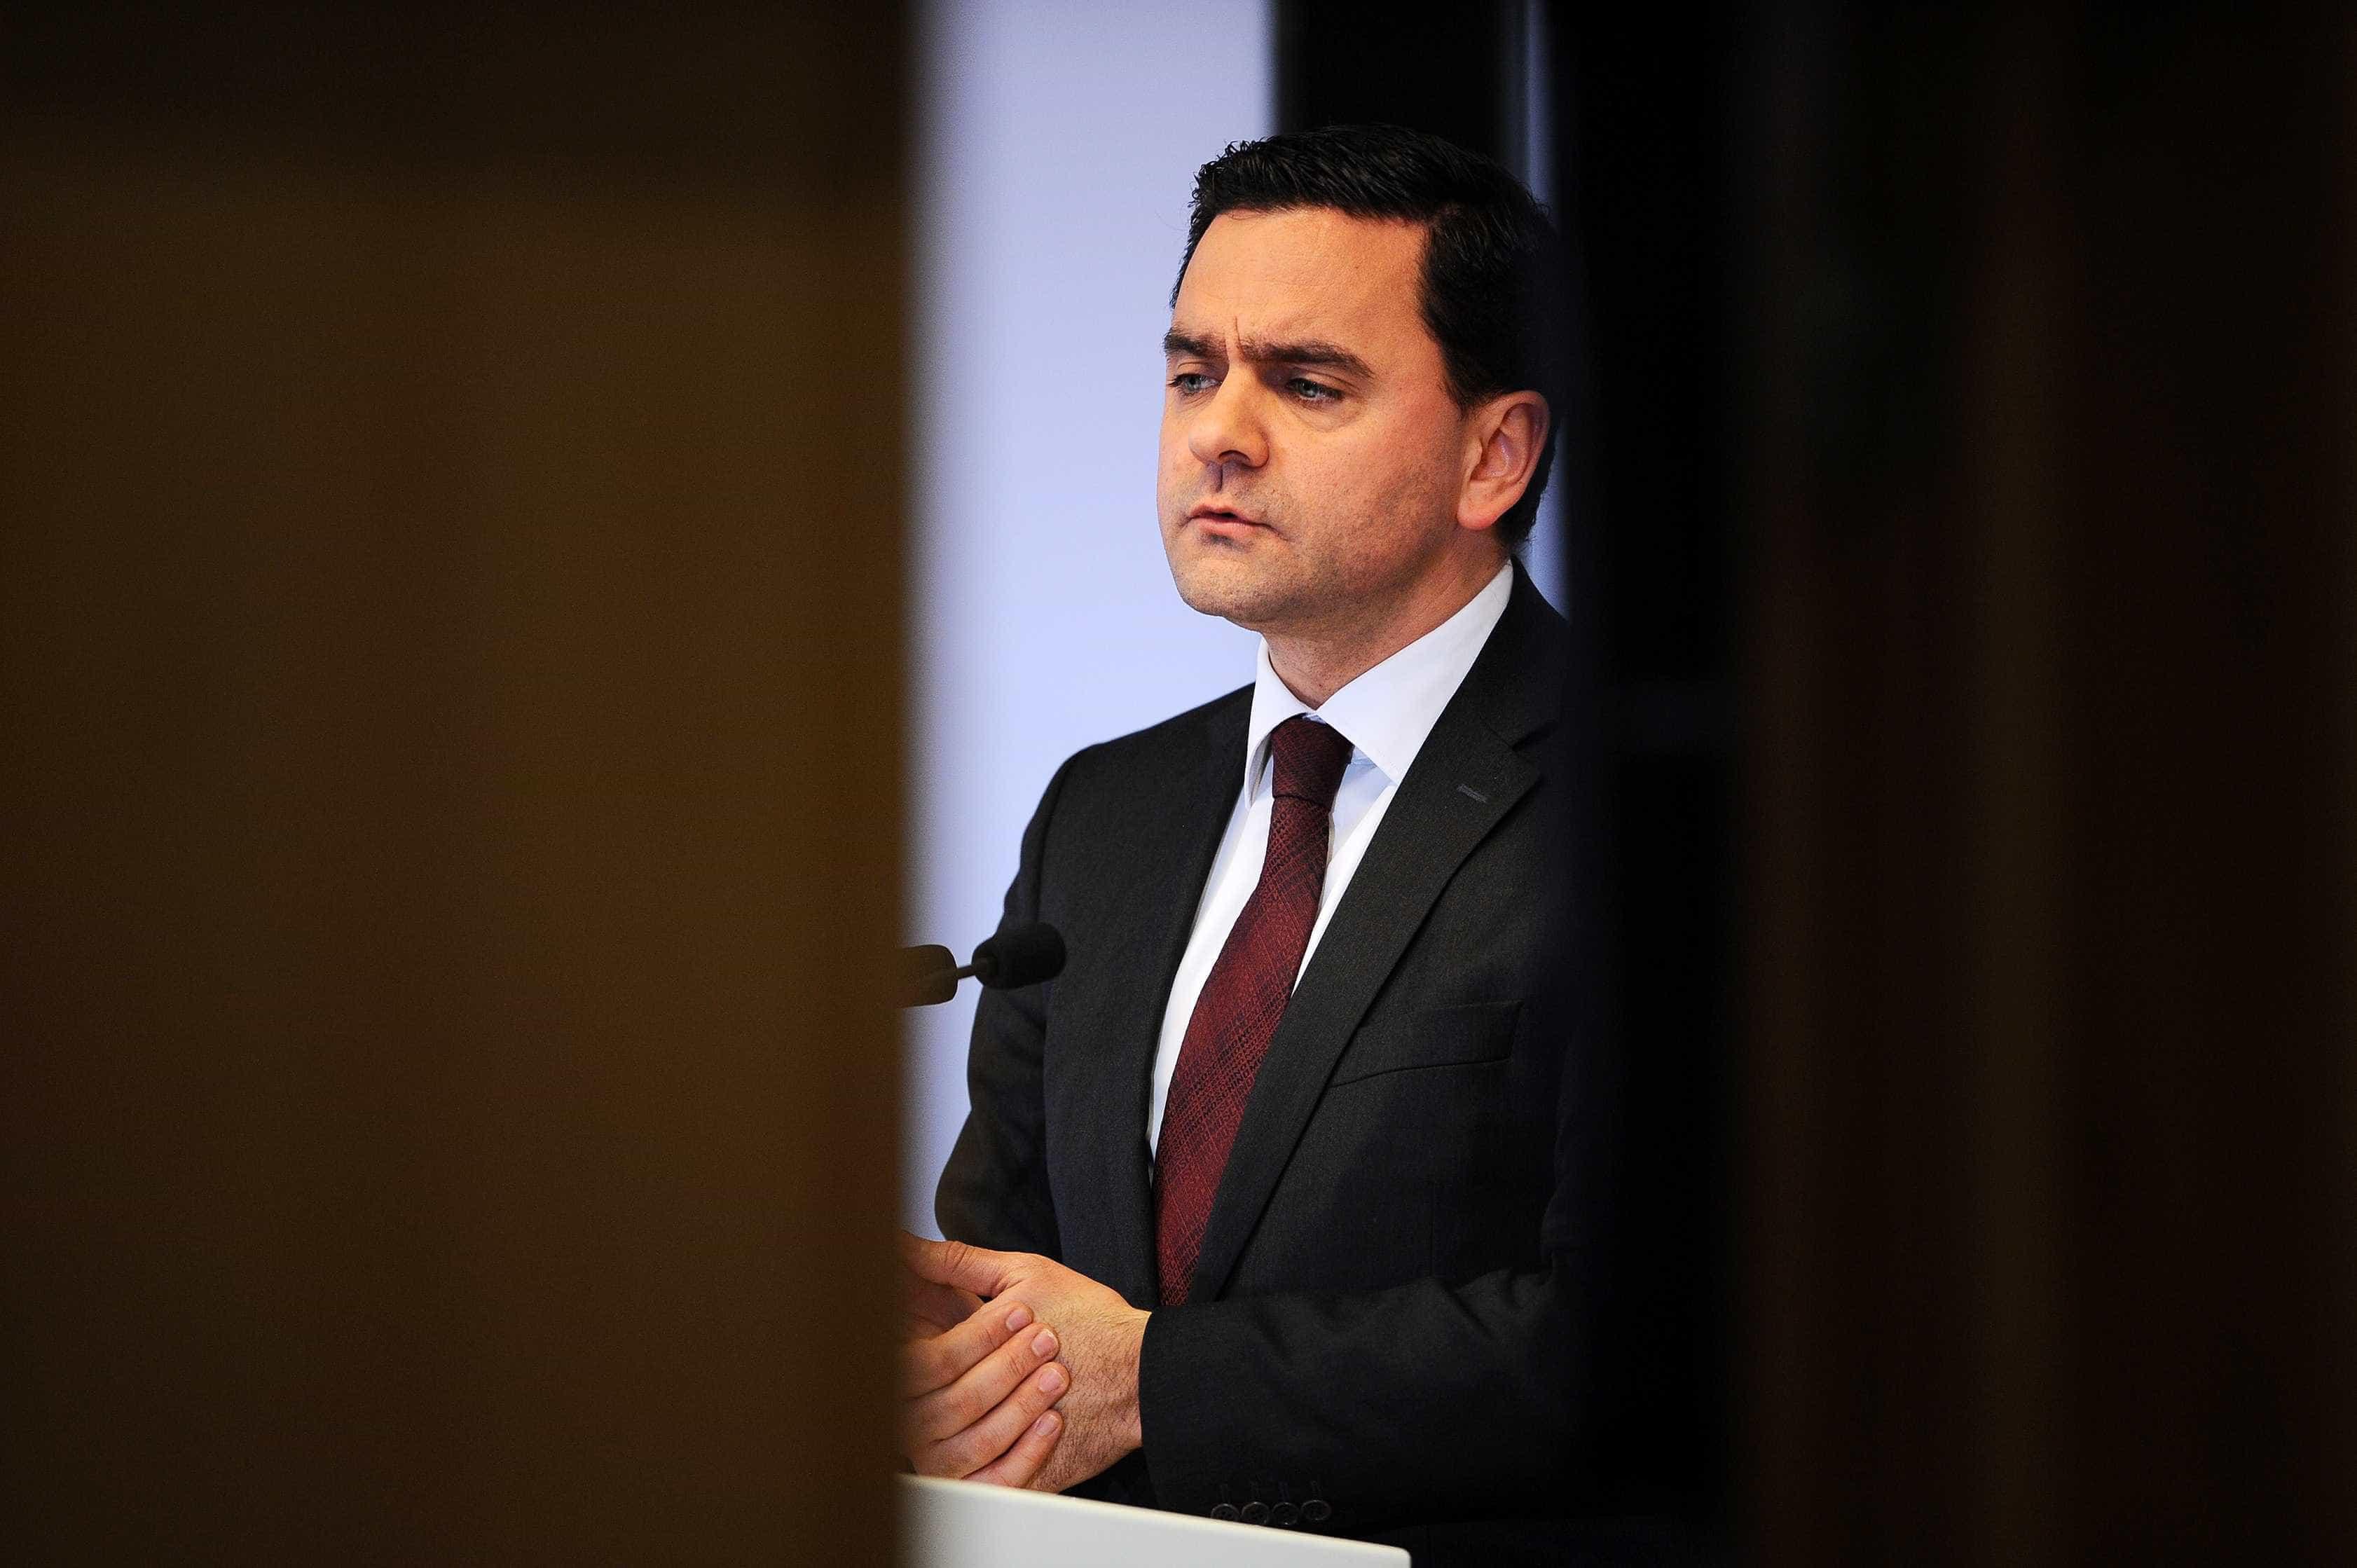 Pedro Marques, um político de cariz executor da Esquerda moderada